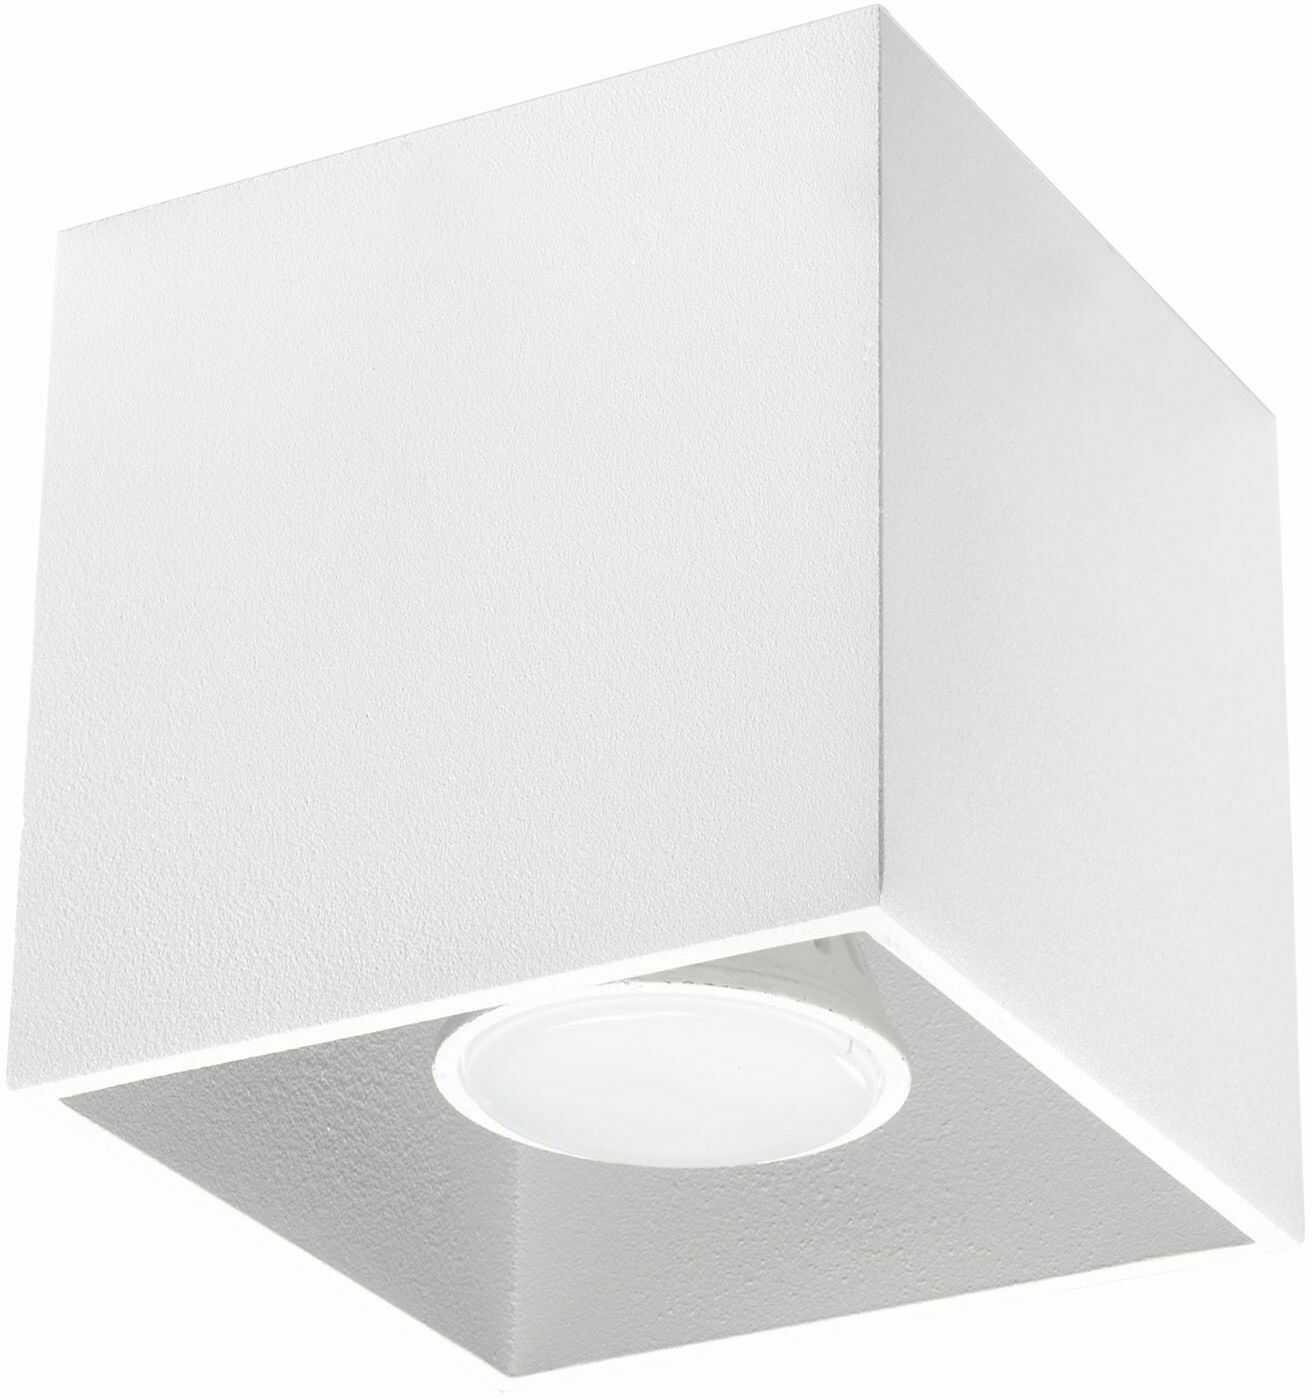 Oprawa sufitowa QUAD 1 biały SL.0027 - Sollux  Sprawdź kupony i rabaty w koszyku  Zamów tel  533-810-034